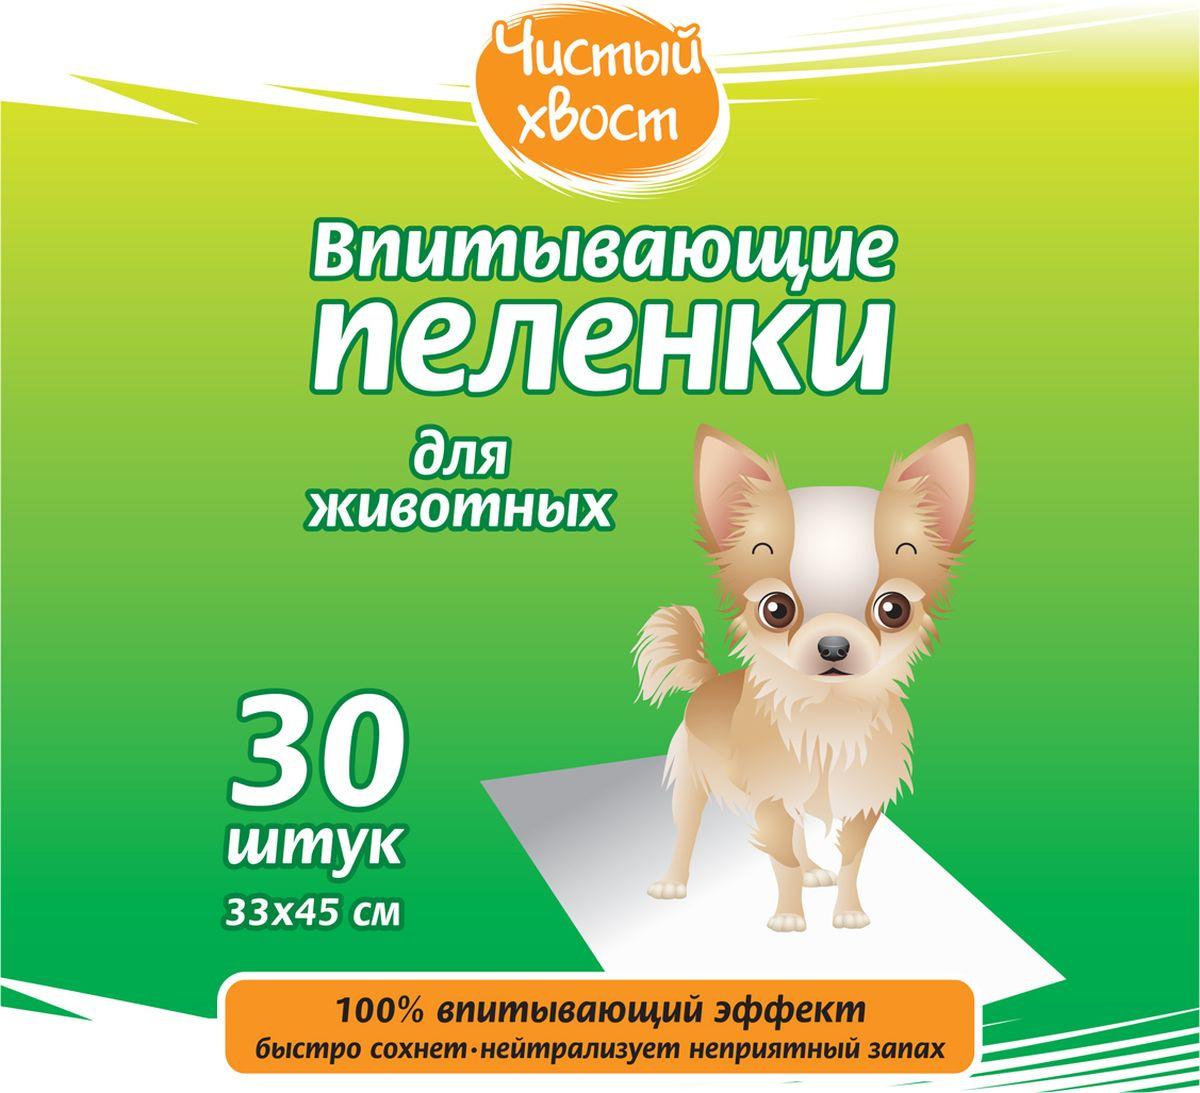 Пеленка для животных Чистый хвост, впитывающая, 68634, 33 х 45 см, 30 шт